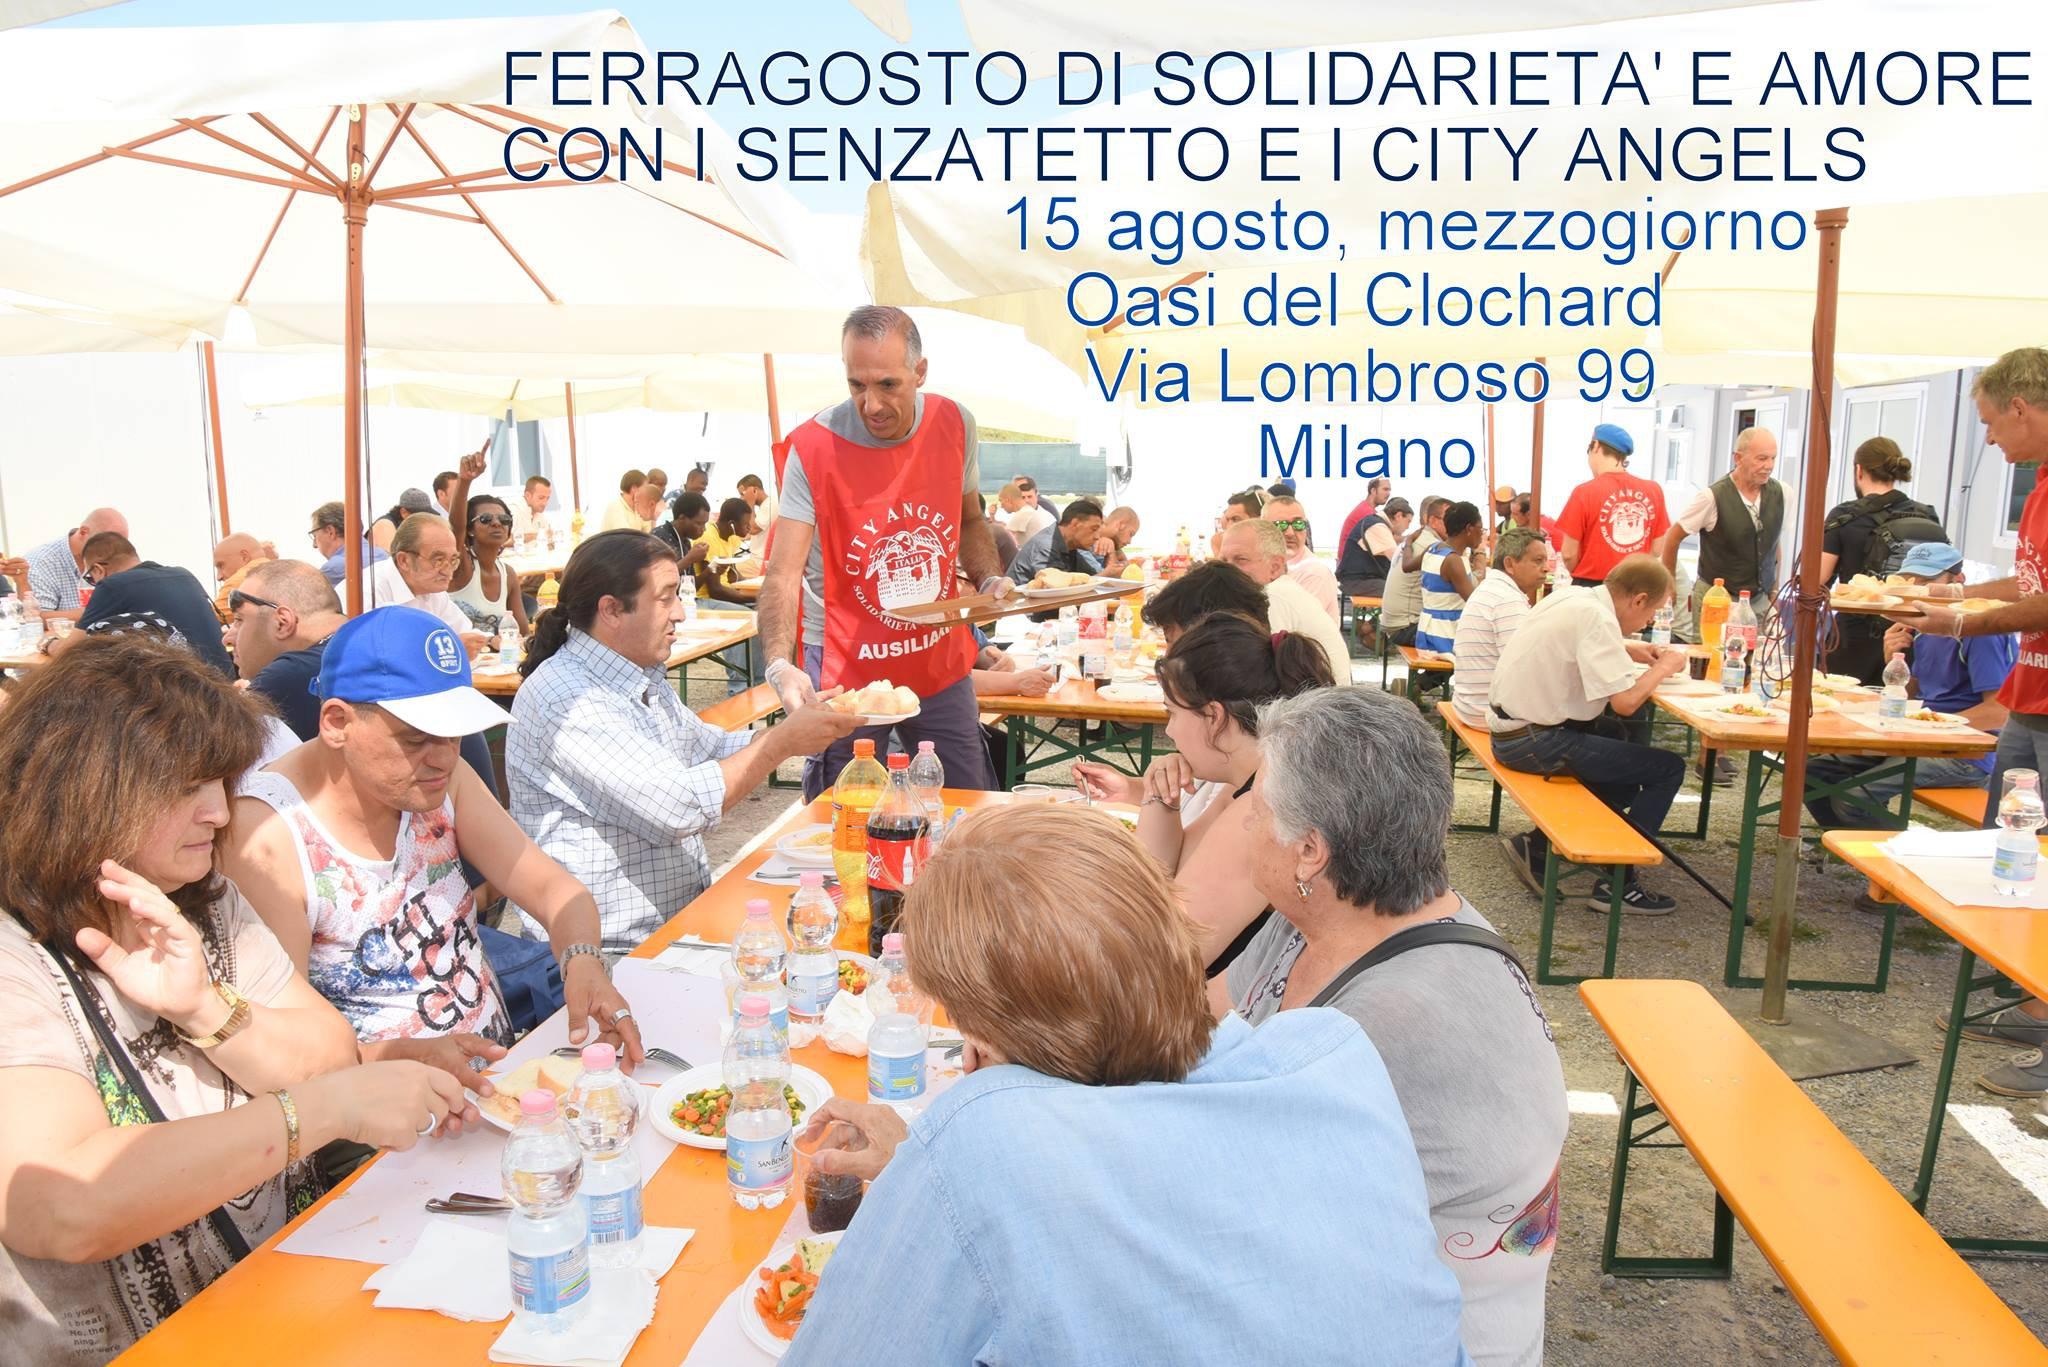 City Angels, il pranzo di Ferragosto per clochard è organizzato via Facebook